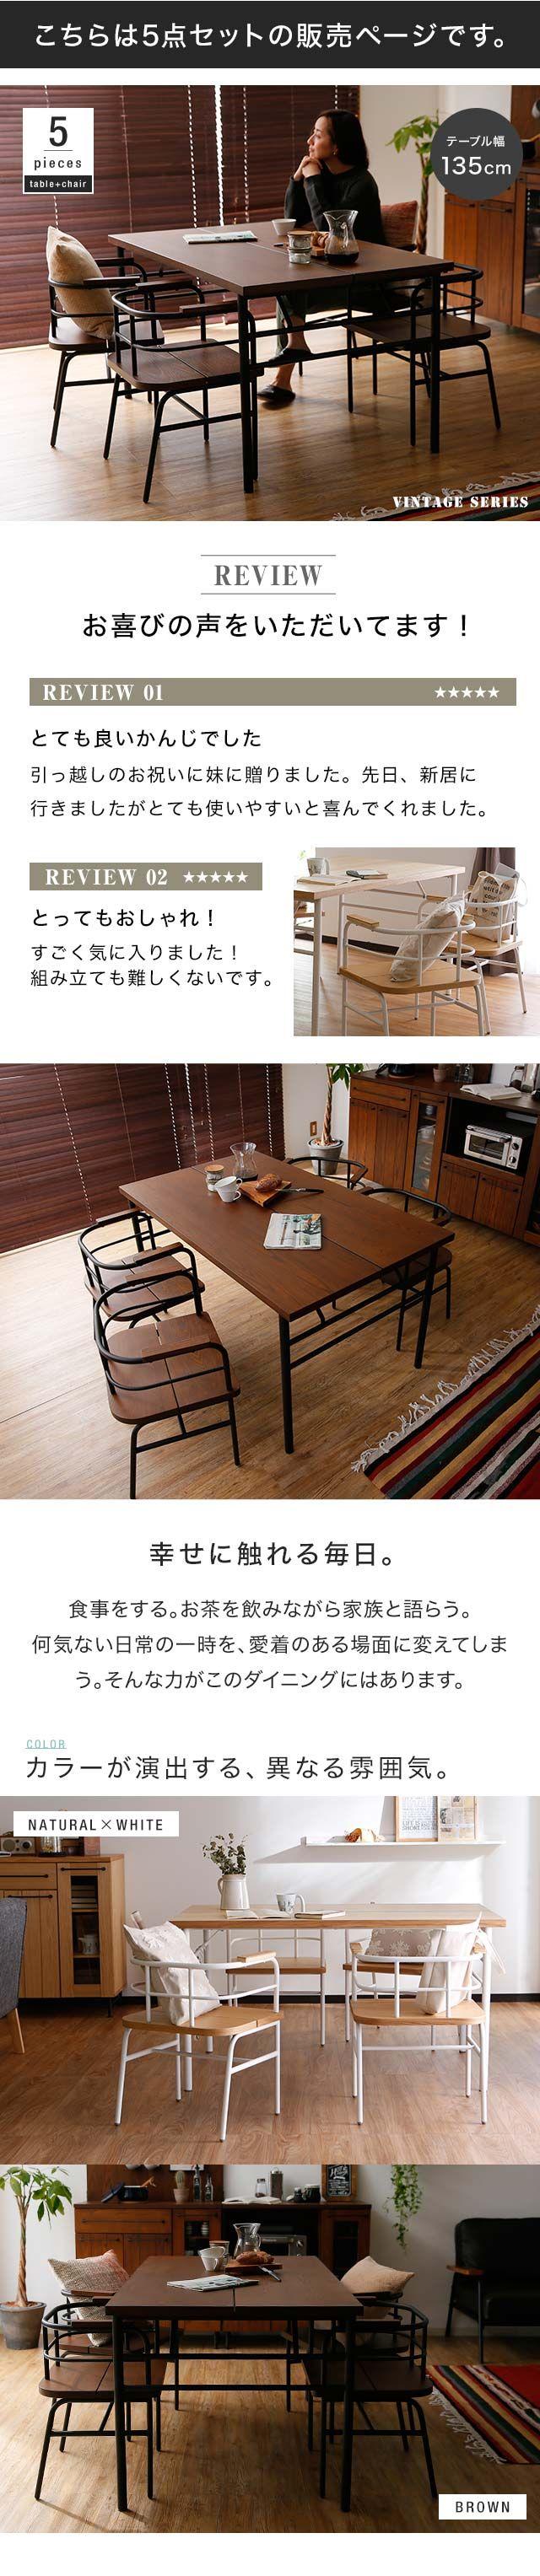 ダイニング5点セット ダイニングテーブルセット 食卓 木製。【クーポンで2000円OFF 21日12時~24時59分】 ダイニングテーブル ダイニング5点セット 4人掛け 5点 ダイニングテーブルセット 135cm幅 ダイニングセット 5点セット ダイニング セット テーブル チェア 木製 天然木 おしゃれ 食卓 食卓テーブル 食卓セット 食卓椅子